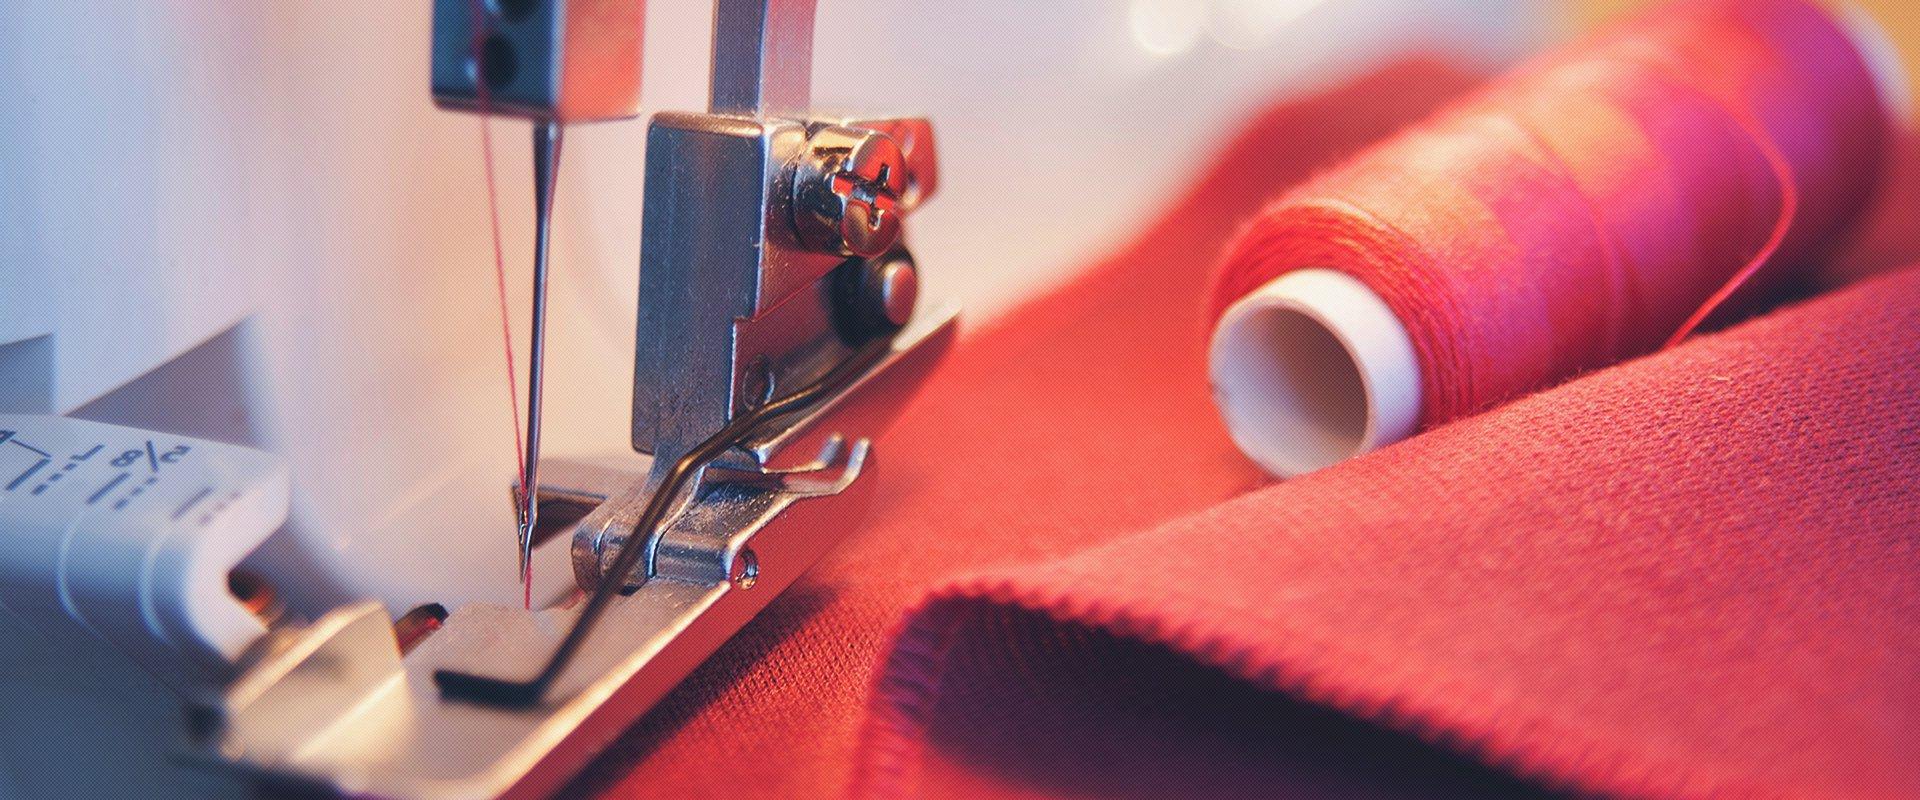 d54e5ccfb Но с каждым днем набирает популярность индивидуальный пошив женской одежды,  позволяющий любой представительнице прекрасного ...